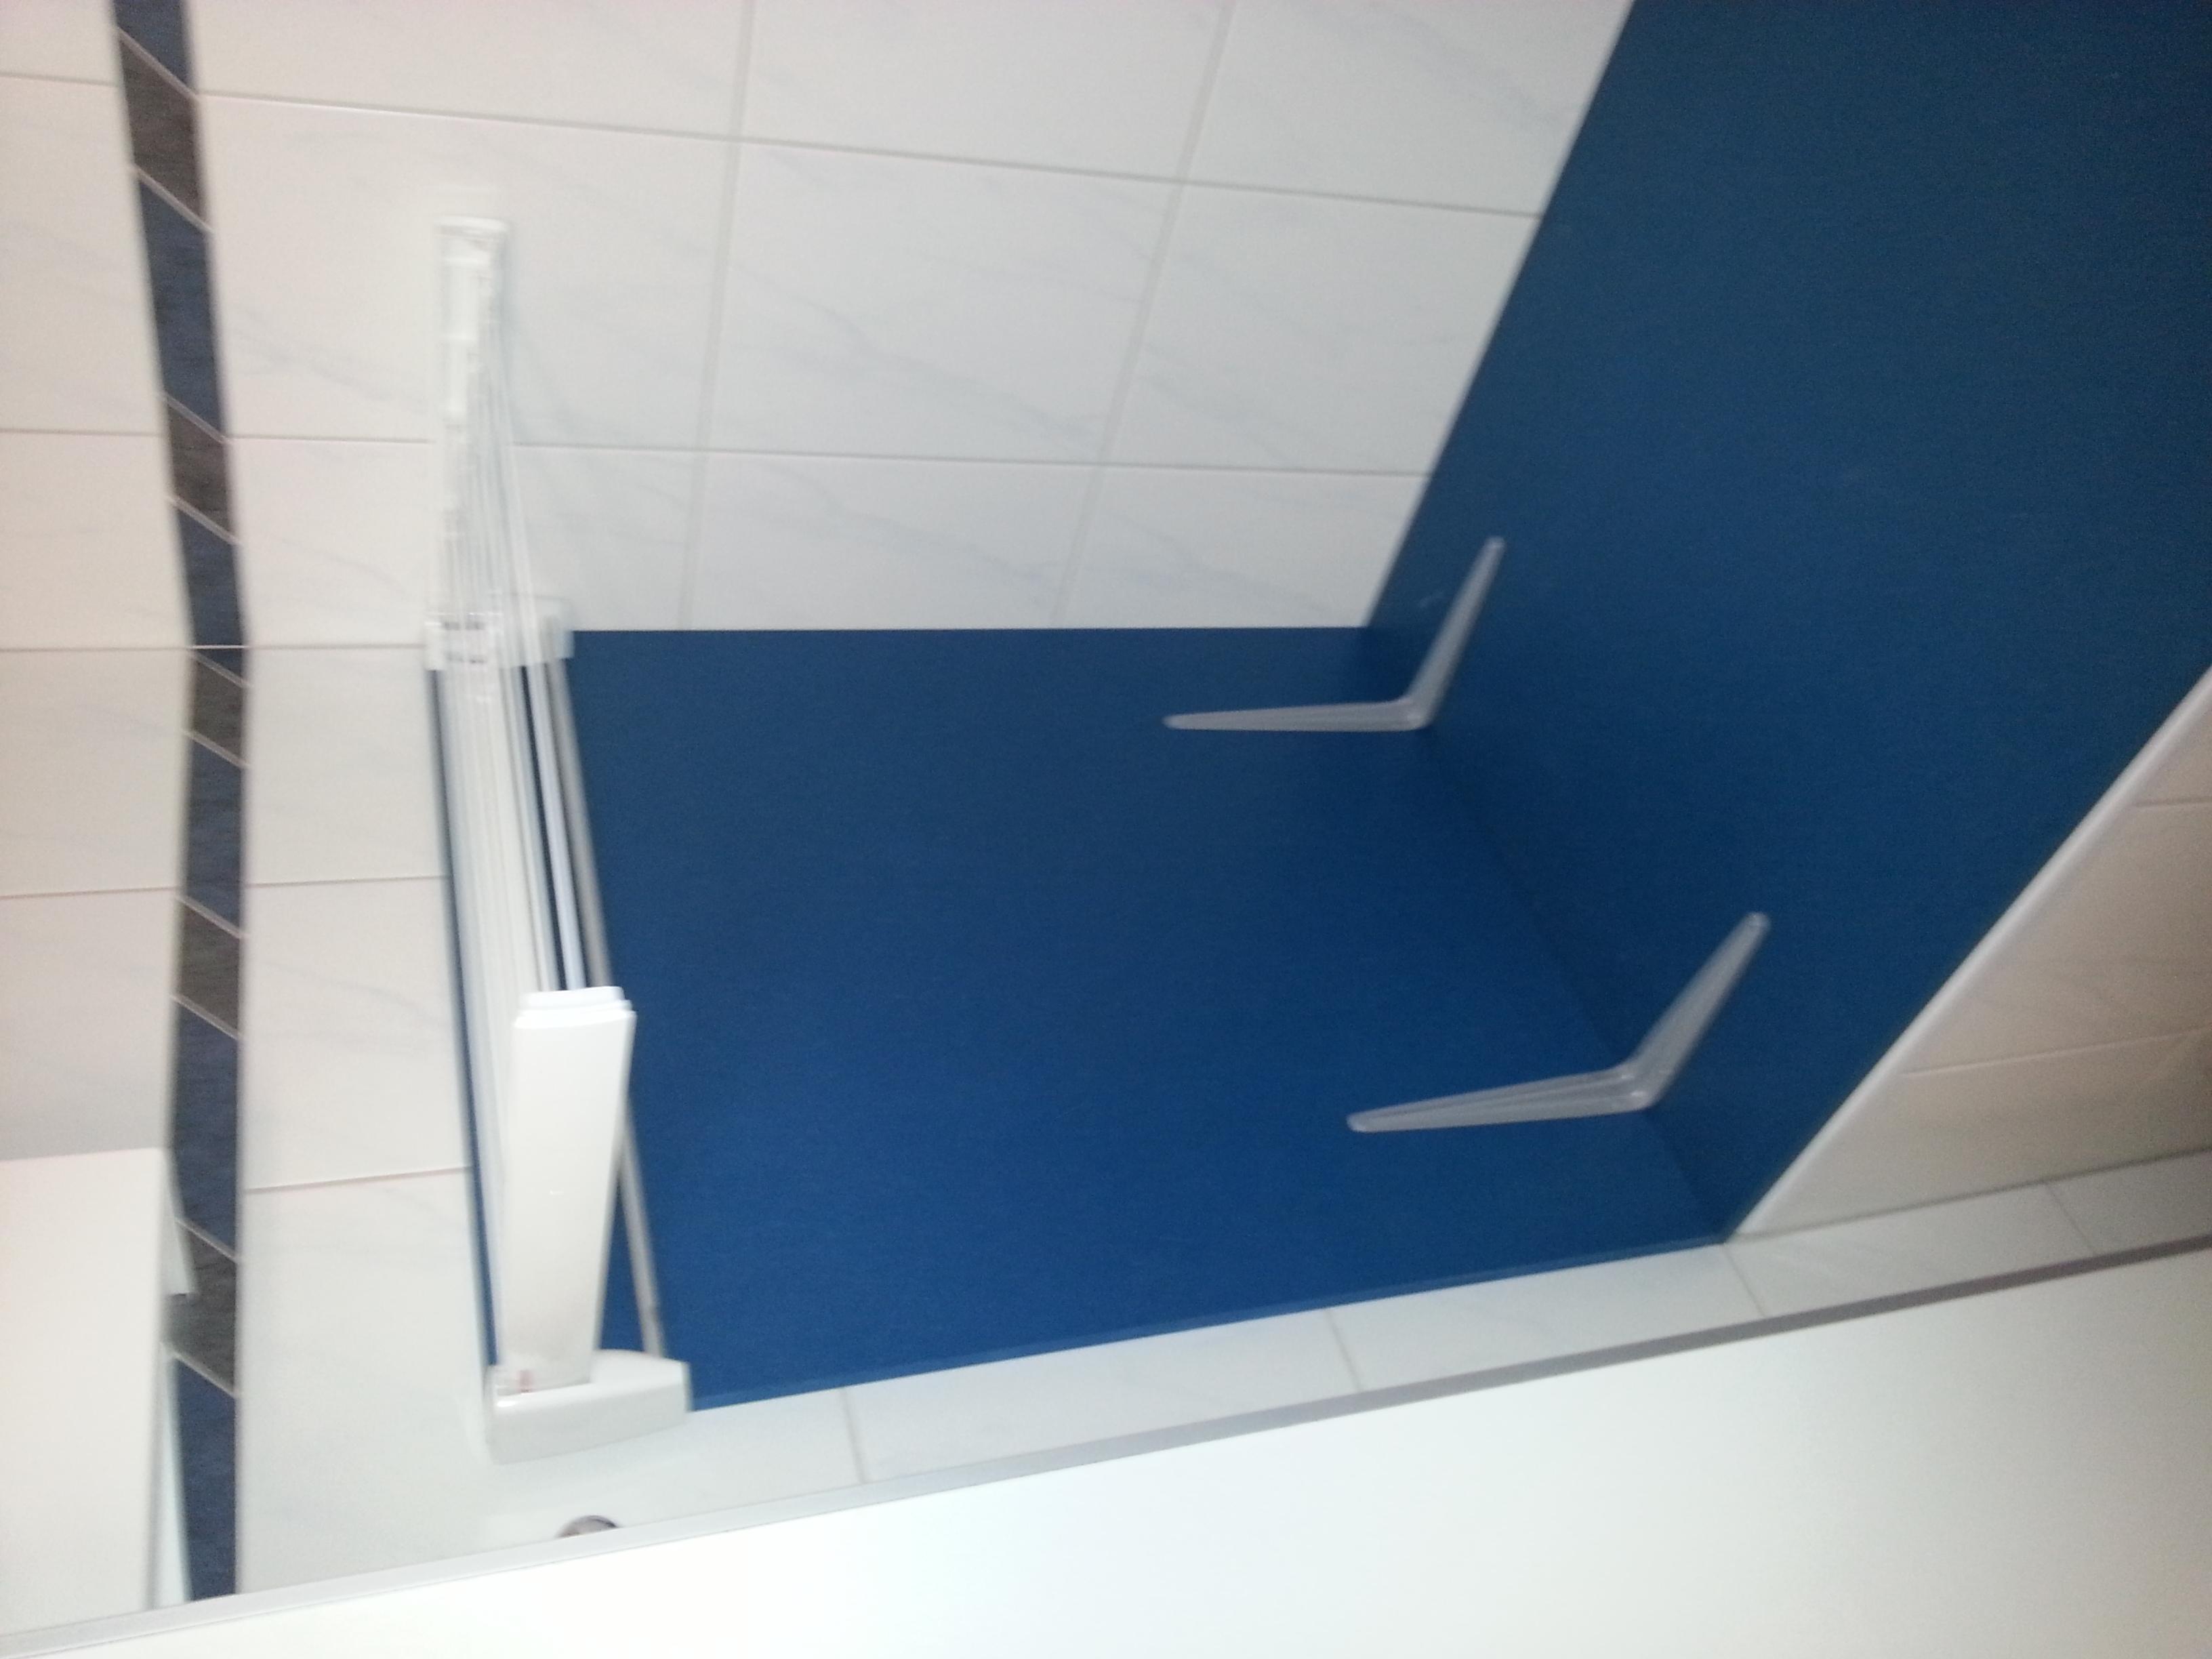 Badewanne Installieren Anleitung: Schulte komfort i ...